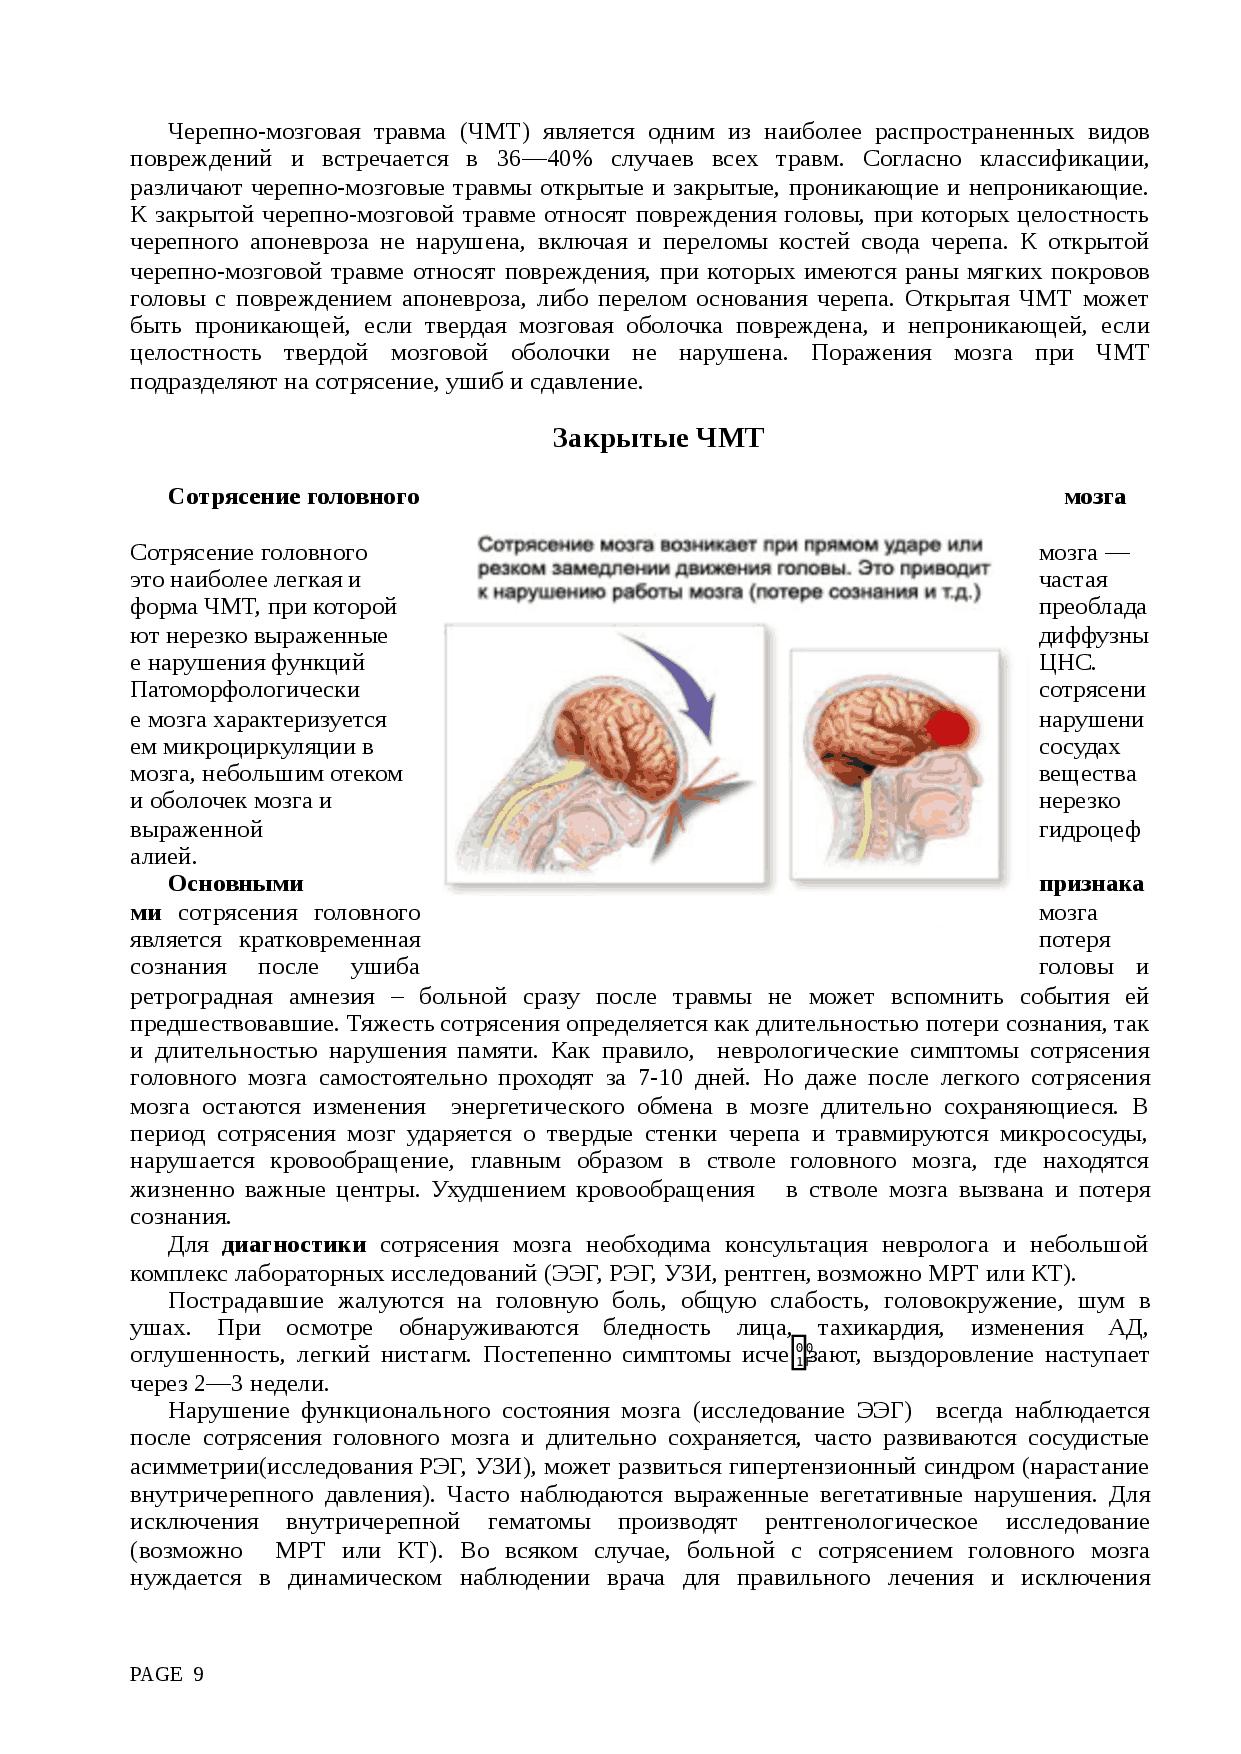 Питание при сотрясении головного мозга (можно ли алкоголь)